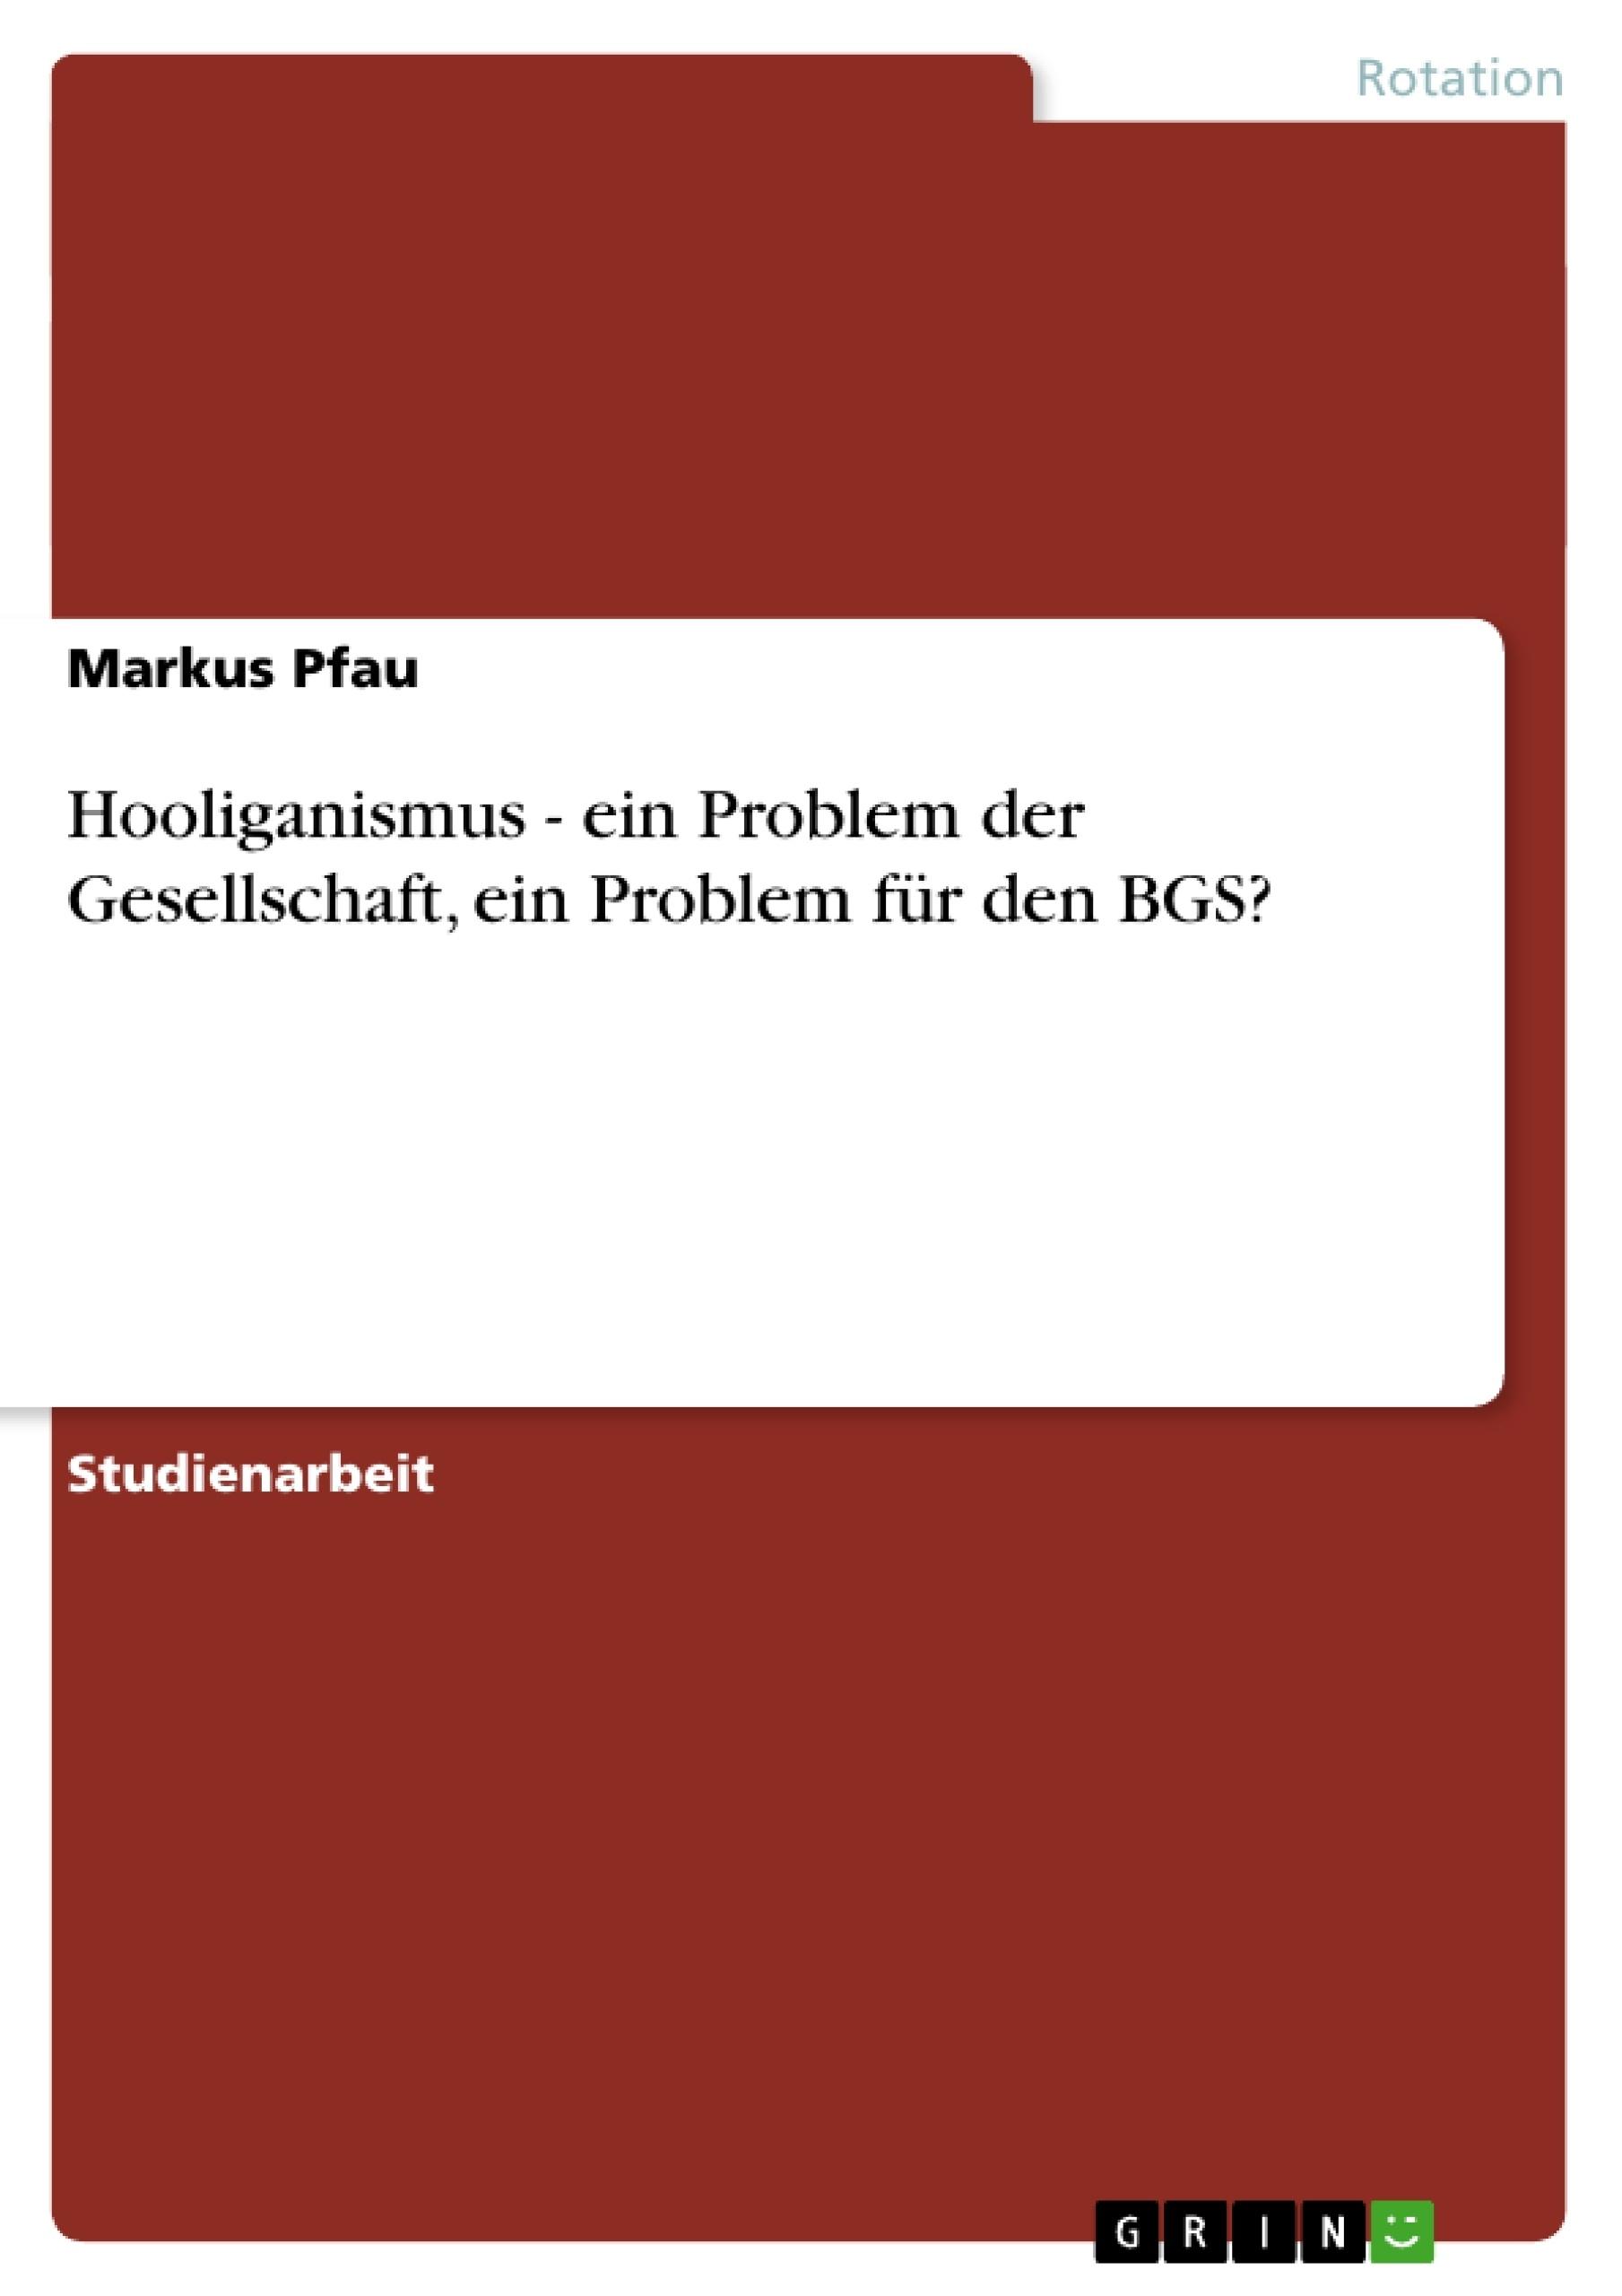 Titel: Hooliganismus - ein Problem der Gesellschaft, ein Problem für den BGS?